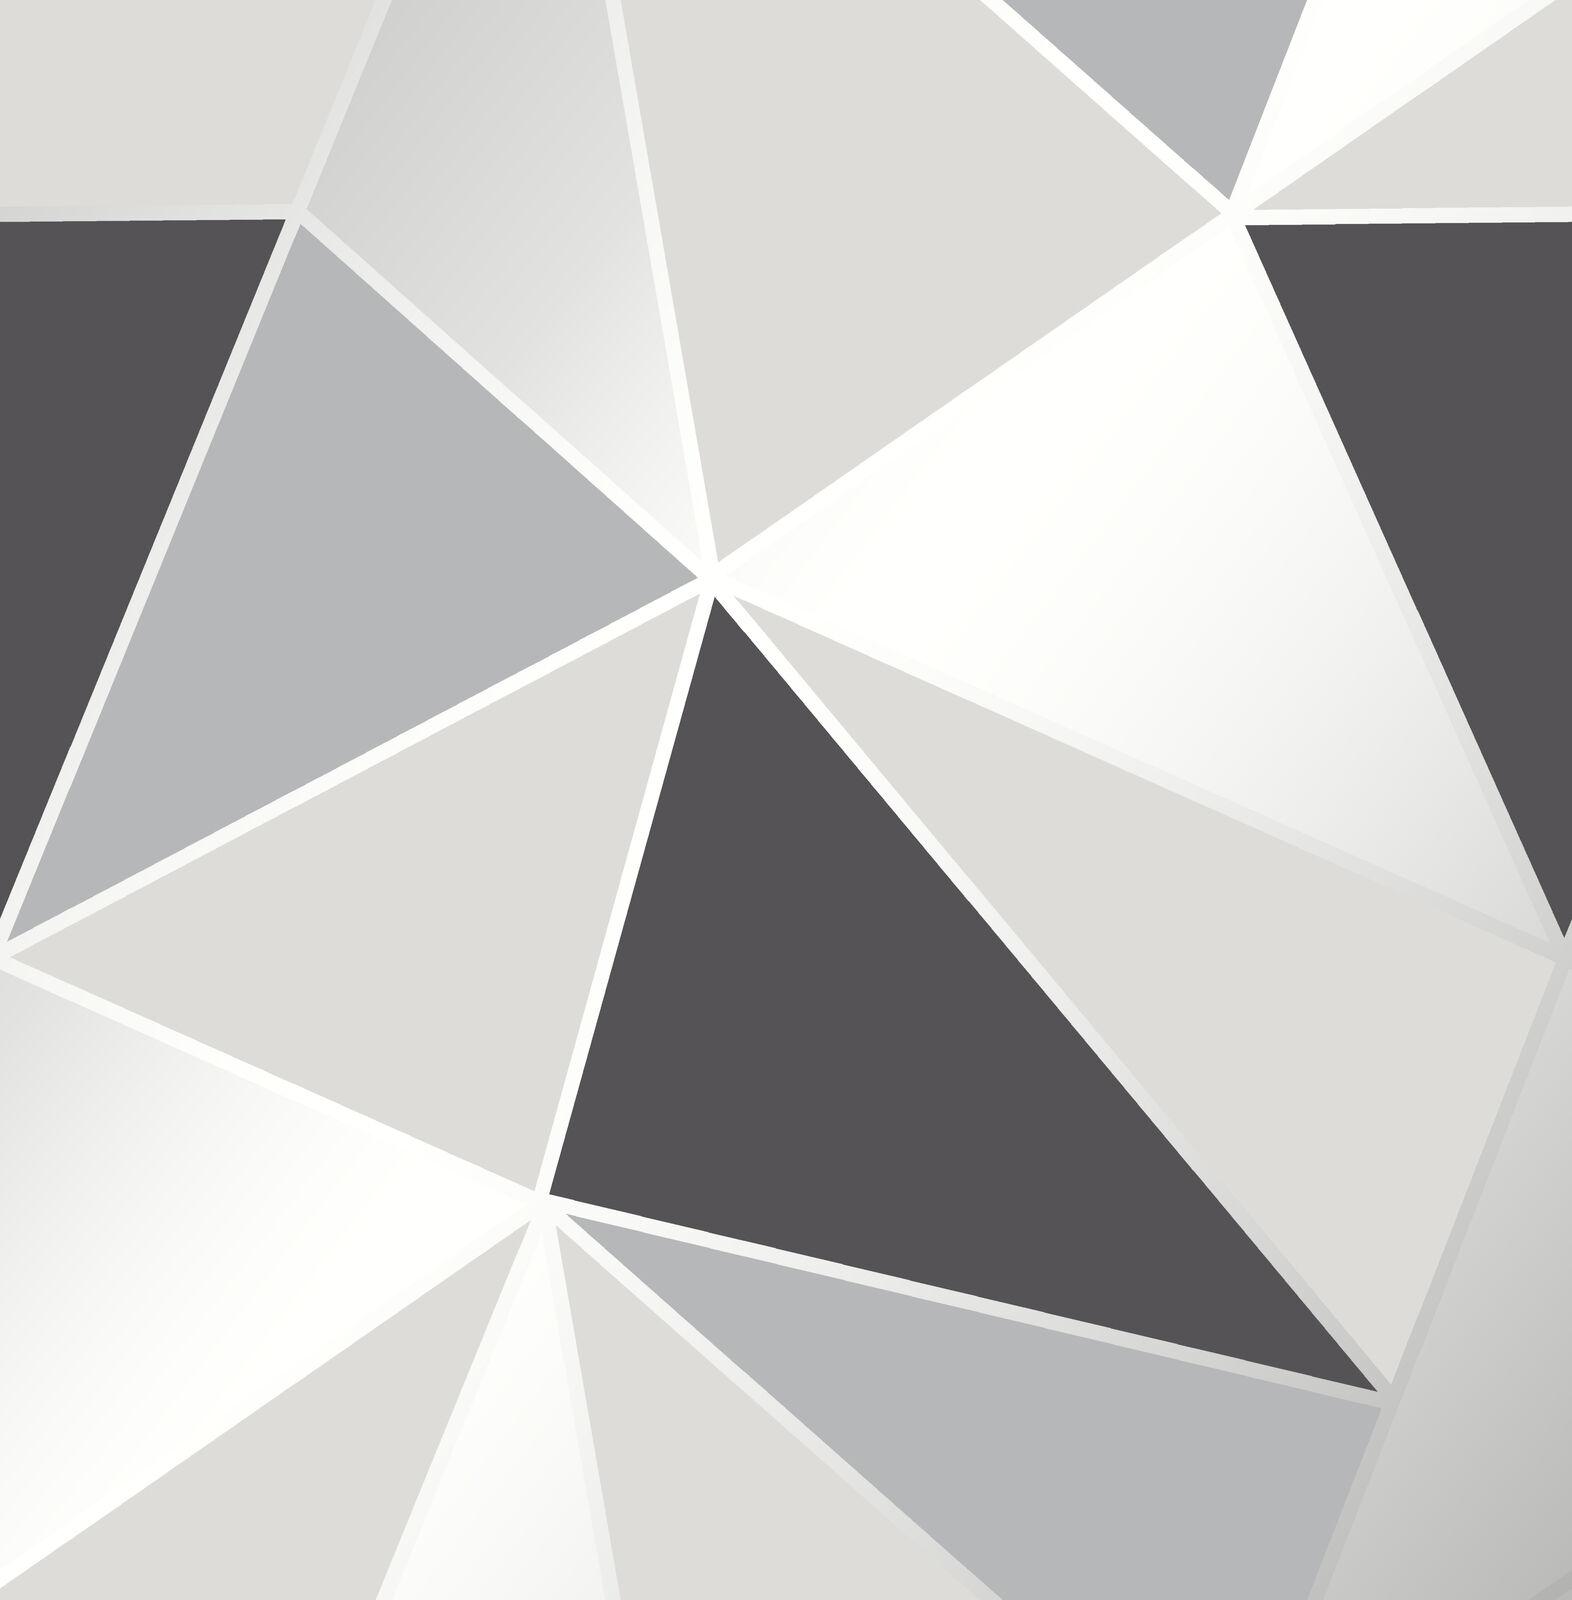 Noir Apex Metallise Argent Geometrique Papier Peint 3d Apex Noir